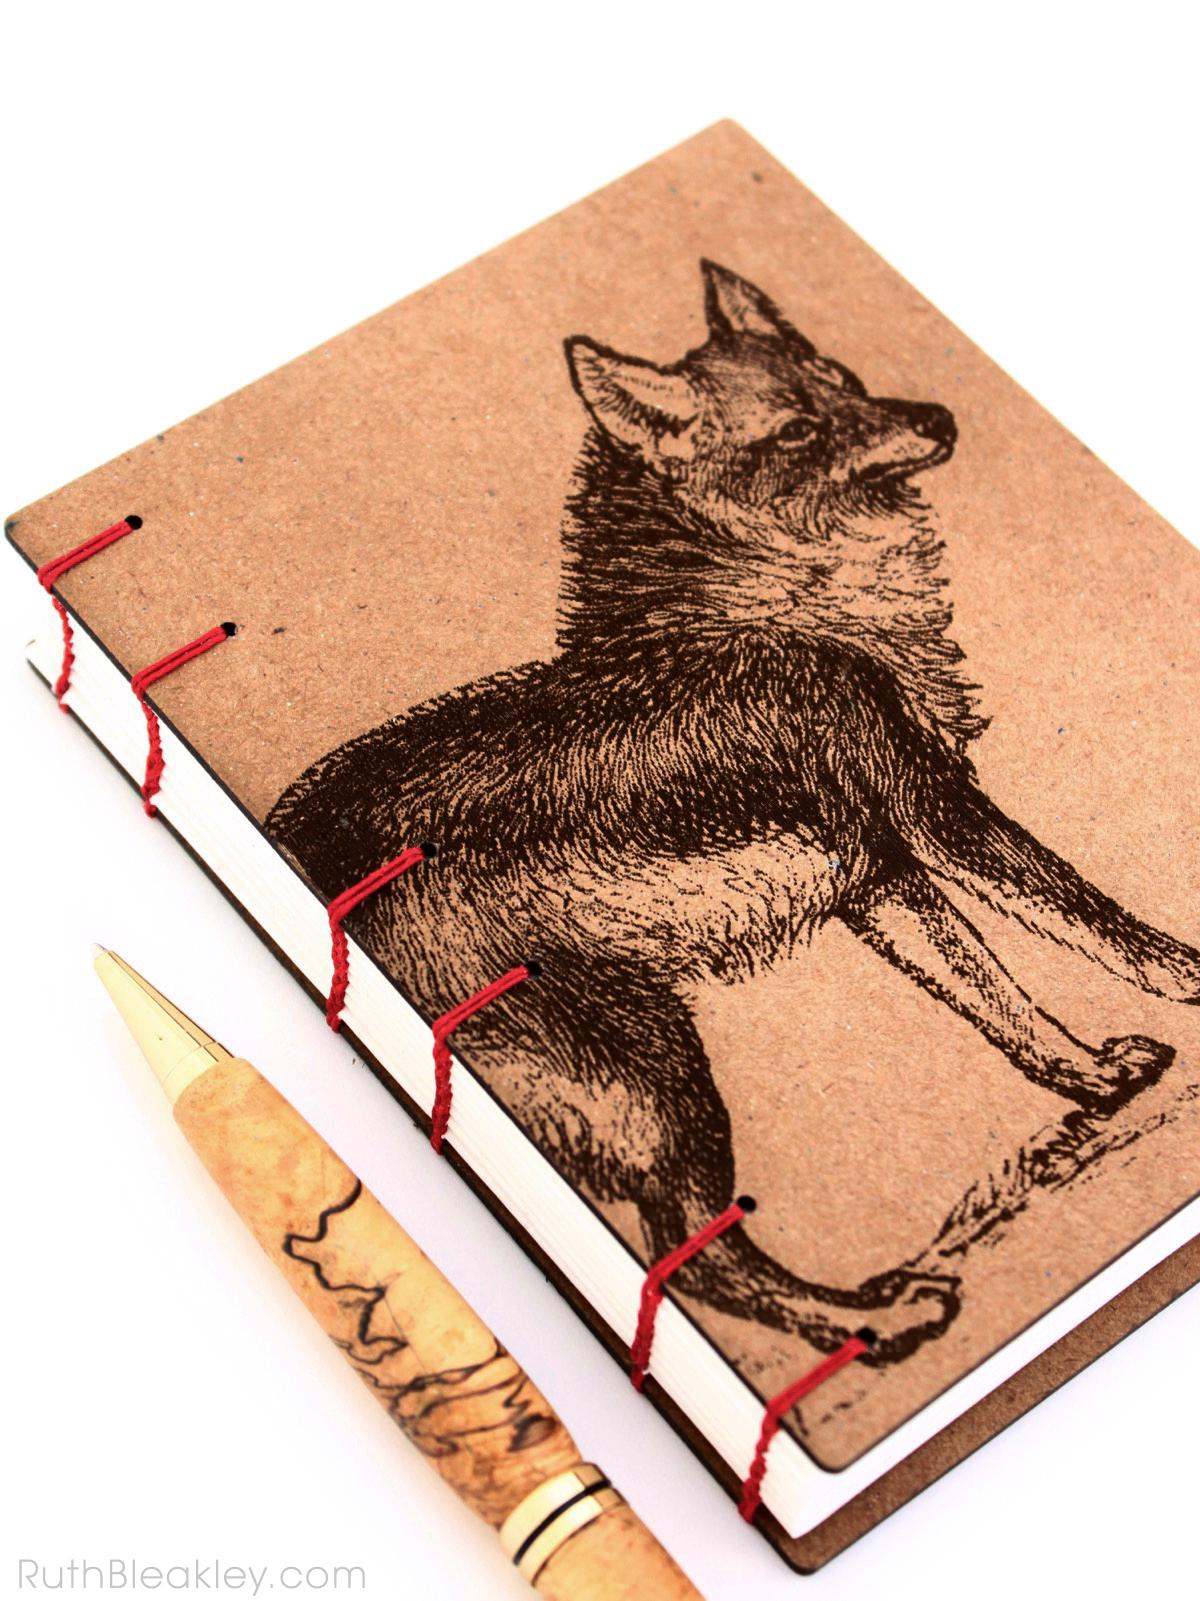 Coyote Wolf Journal handmade by American book artist Ruth Bleakley - 5